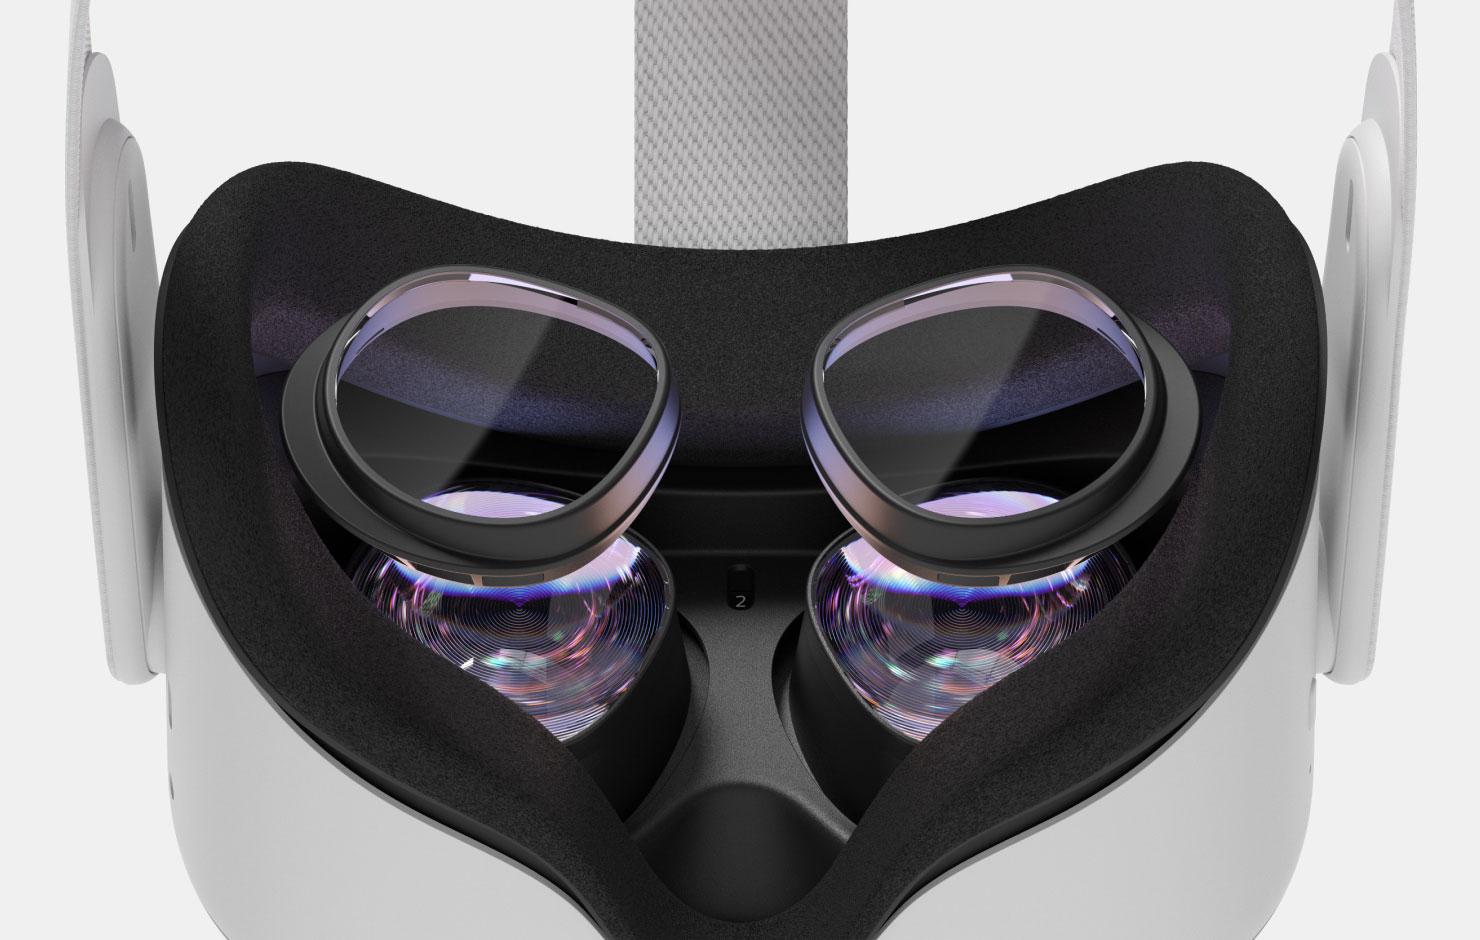 Quest 2镜片插片推出,用于解决用户近视、散光问题